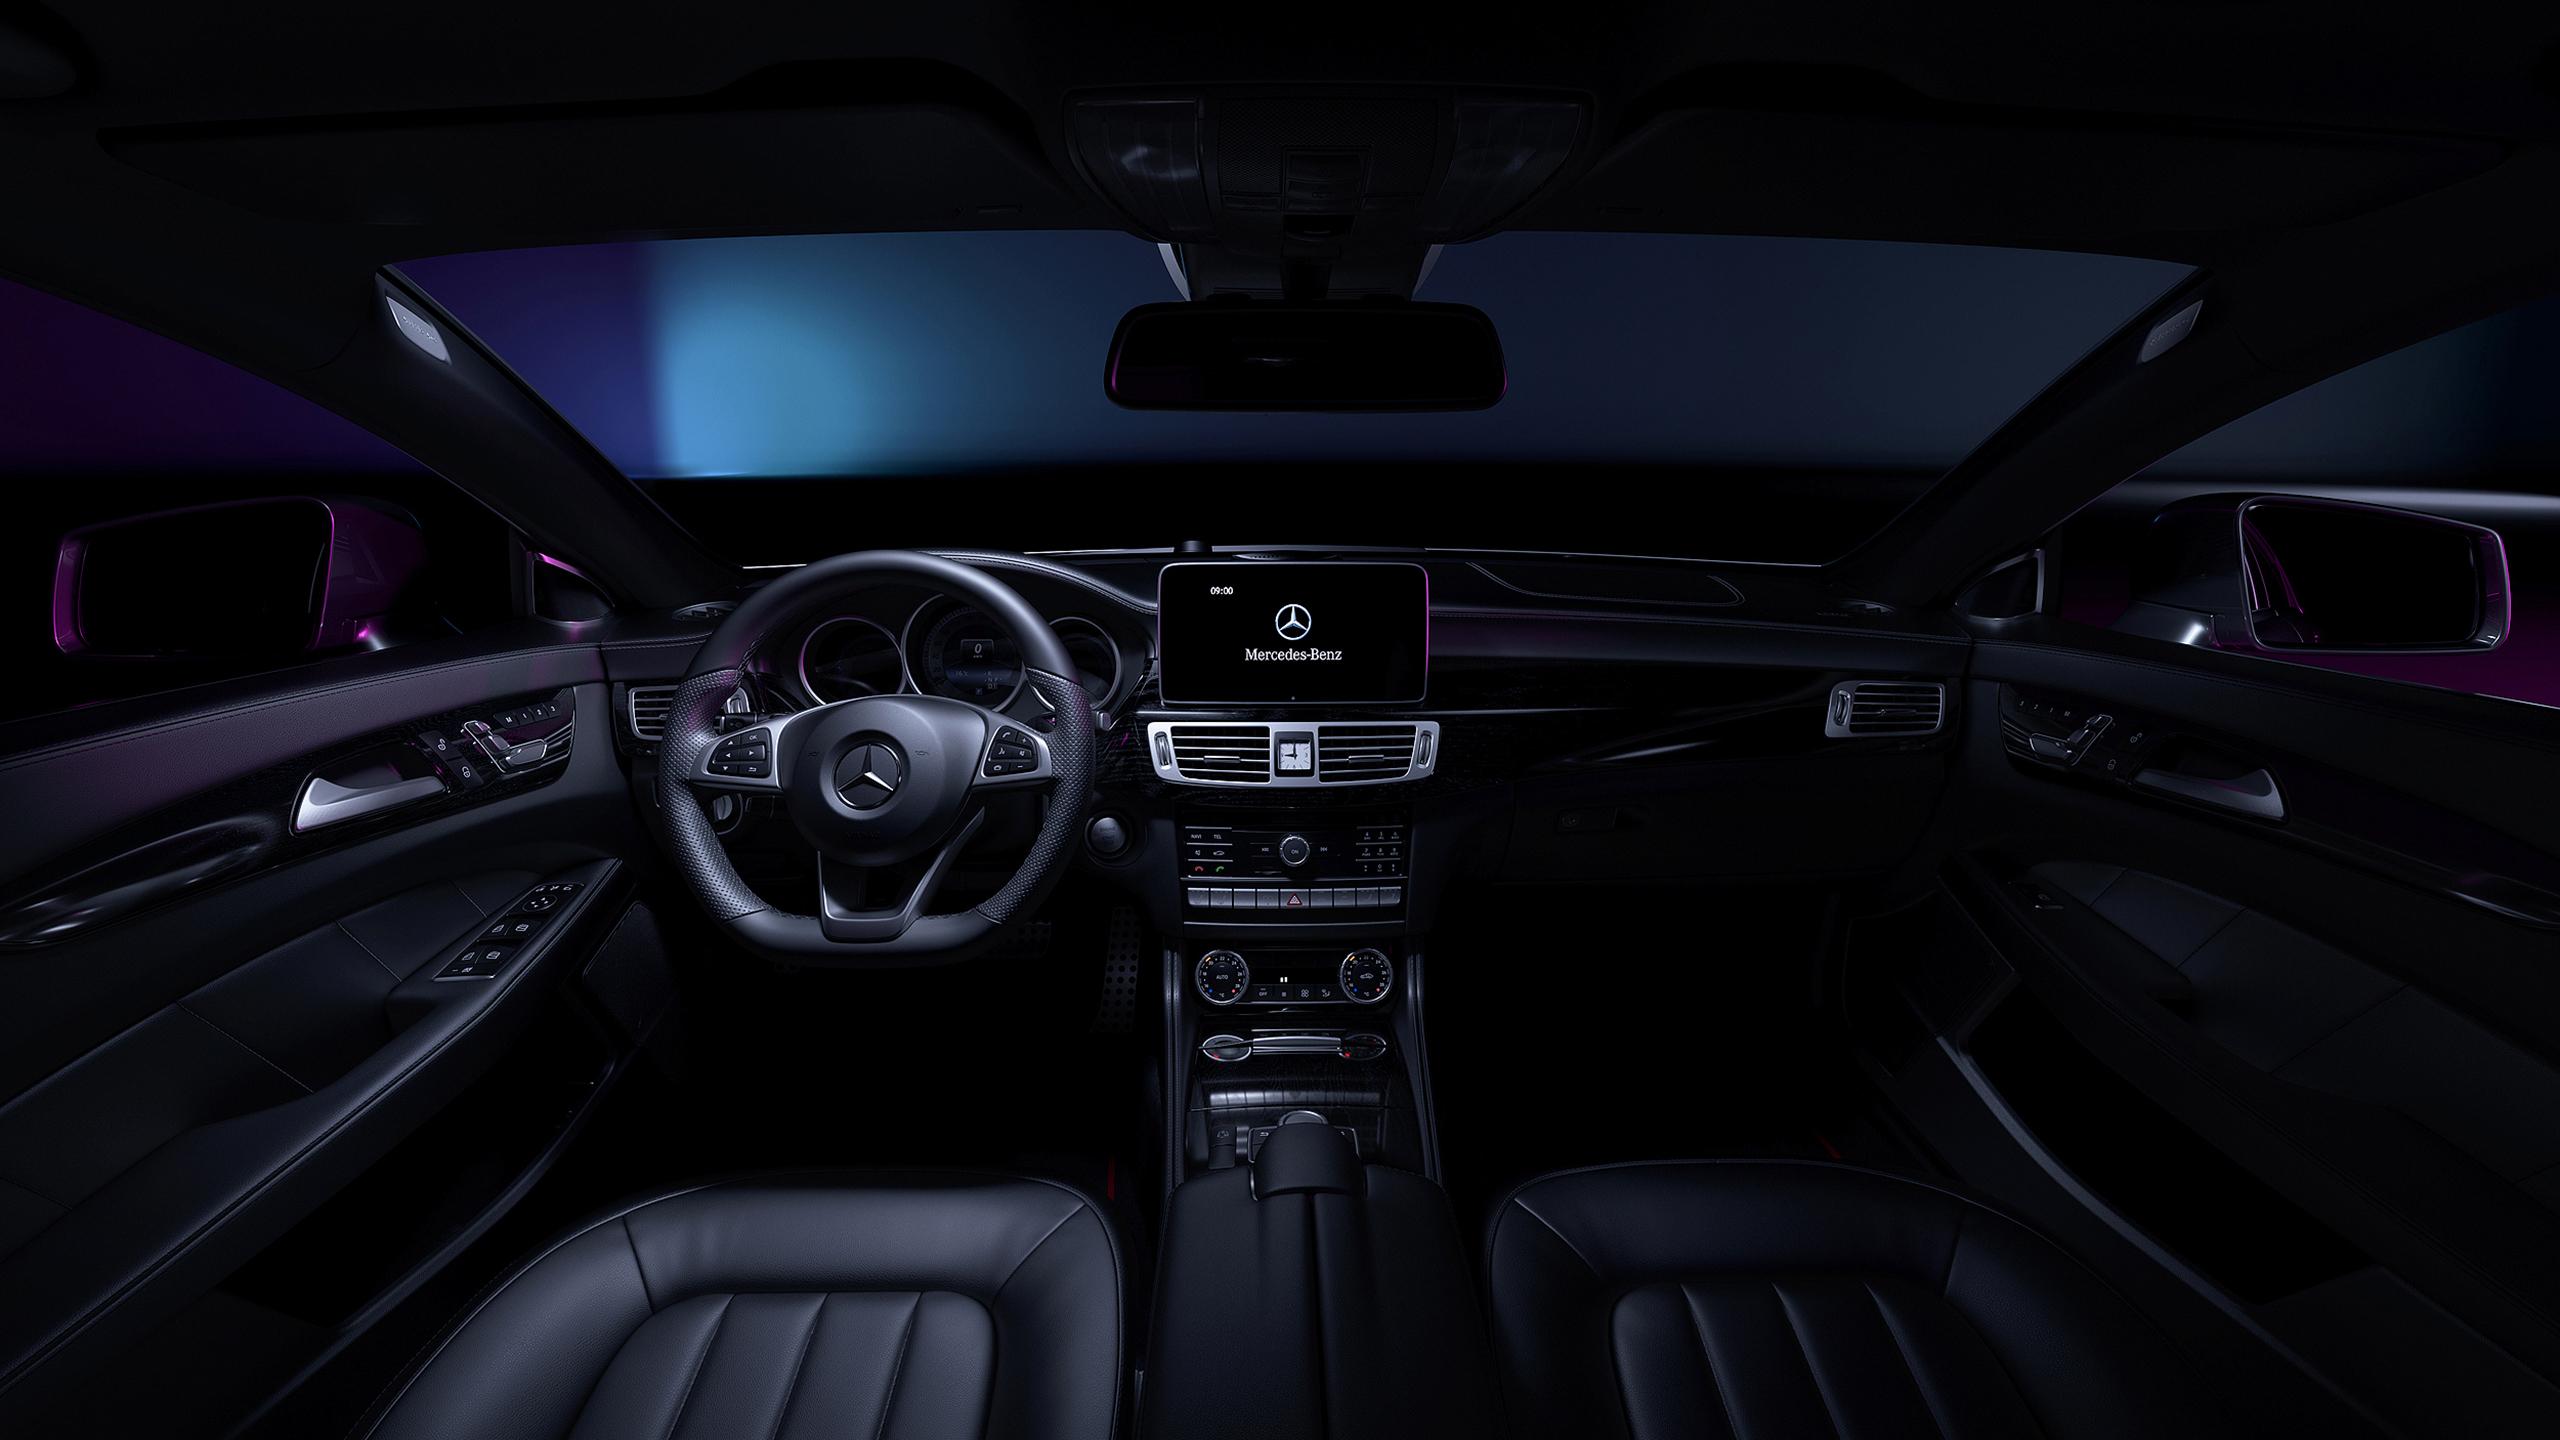 Mercedes-Benz CLS Interior Wallpaper   HD Car Wallpapers ...